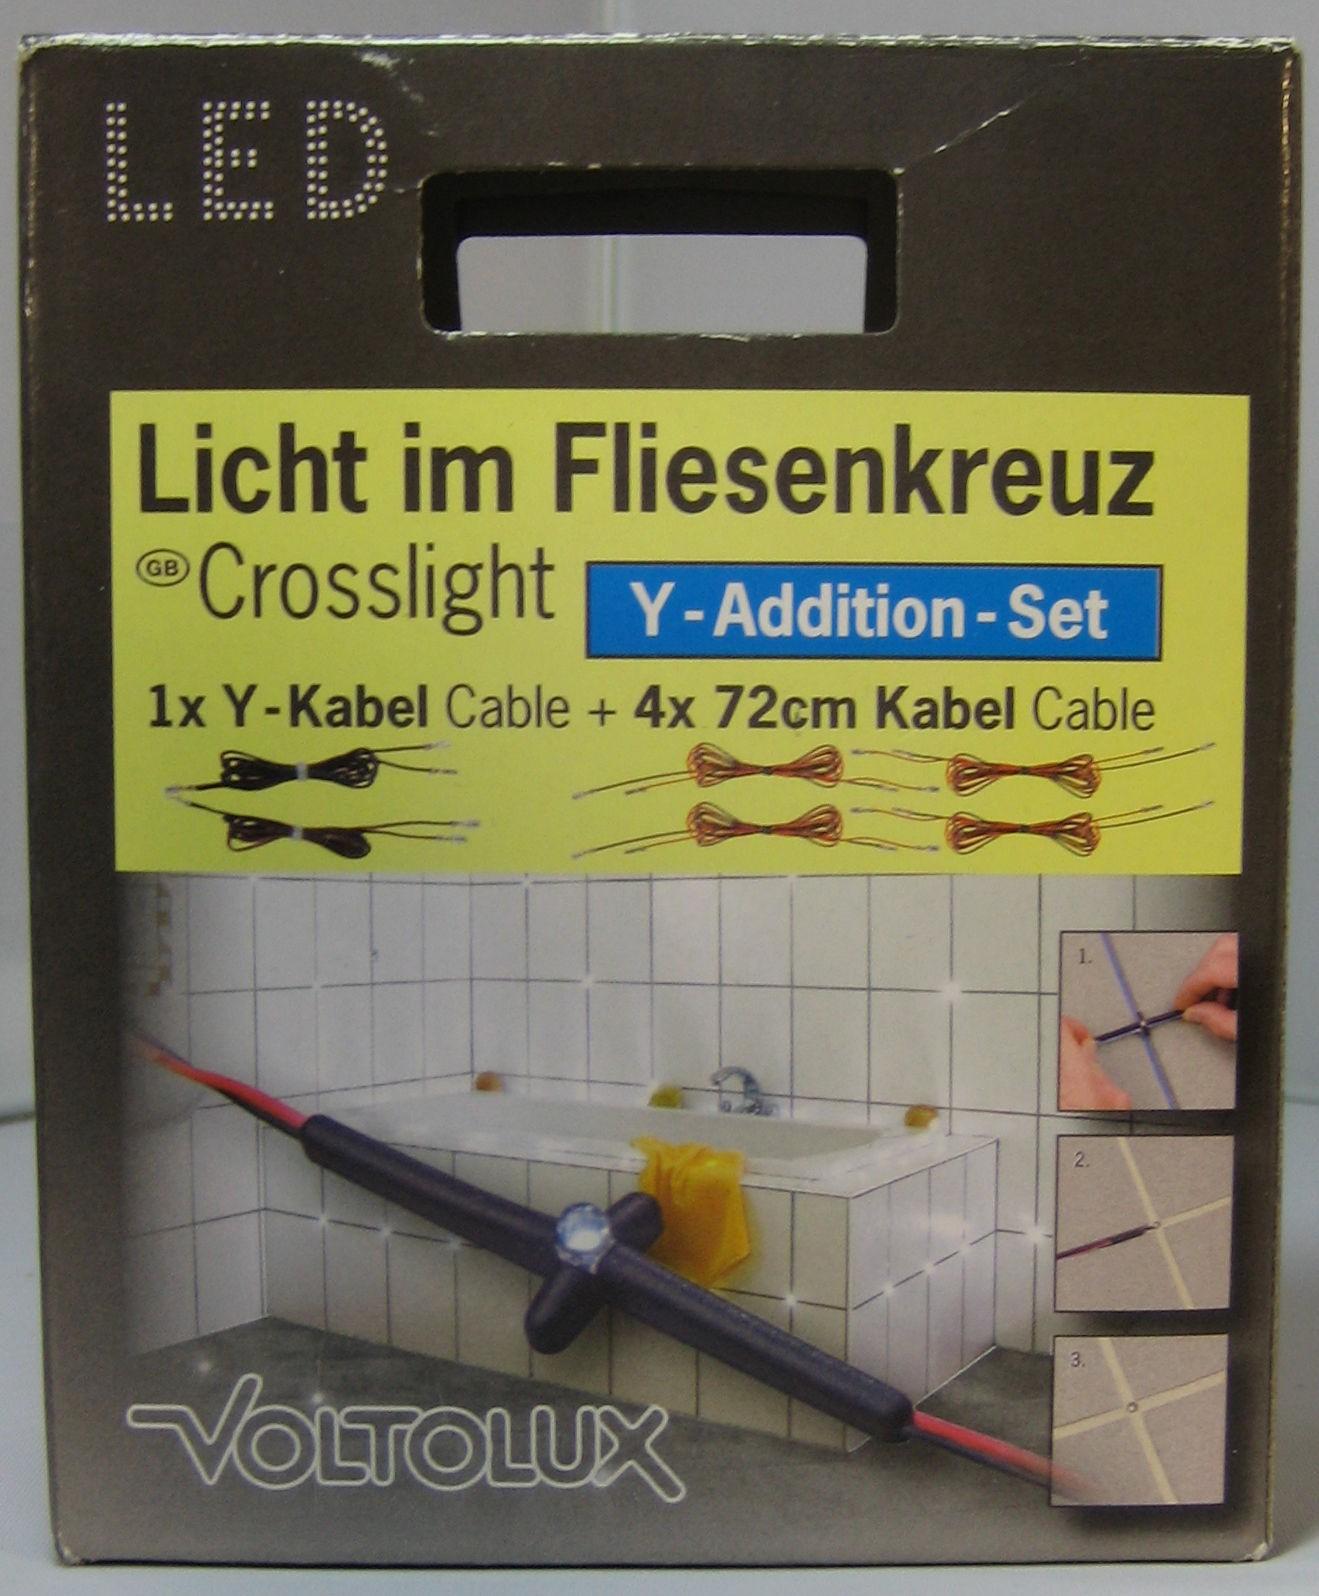 fliesen fugen kreuz led einbauspot licht beleuchtung fugenlicht fliesenlicht ebay. Black Bedroom Furniture Sets. Home Design Ideas